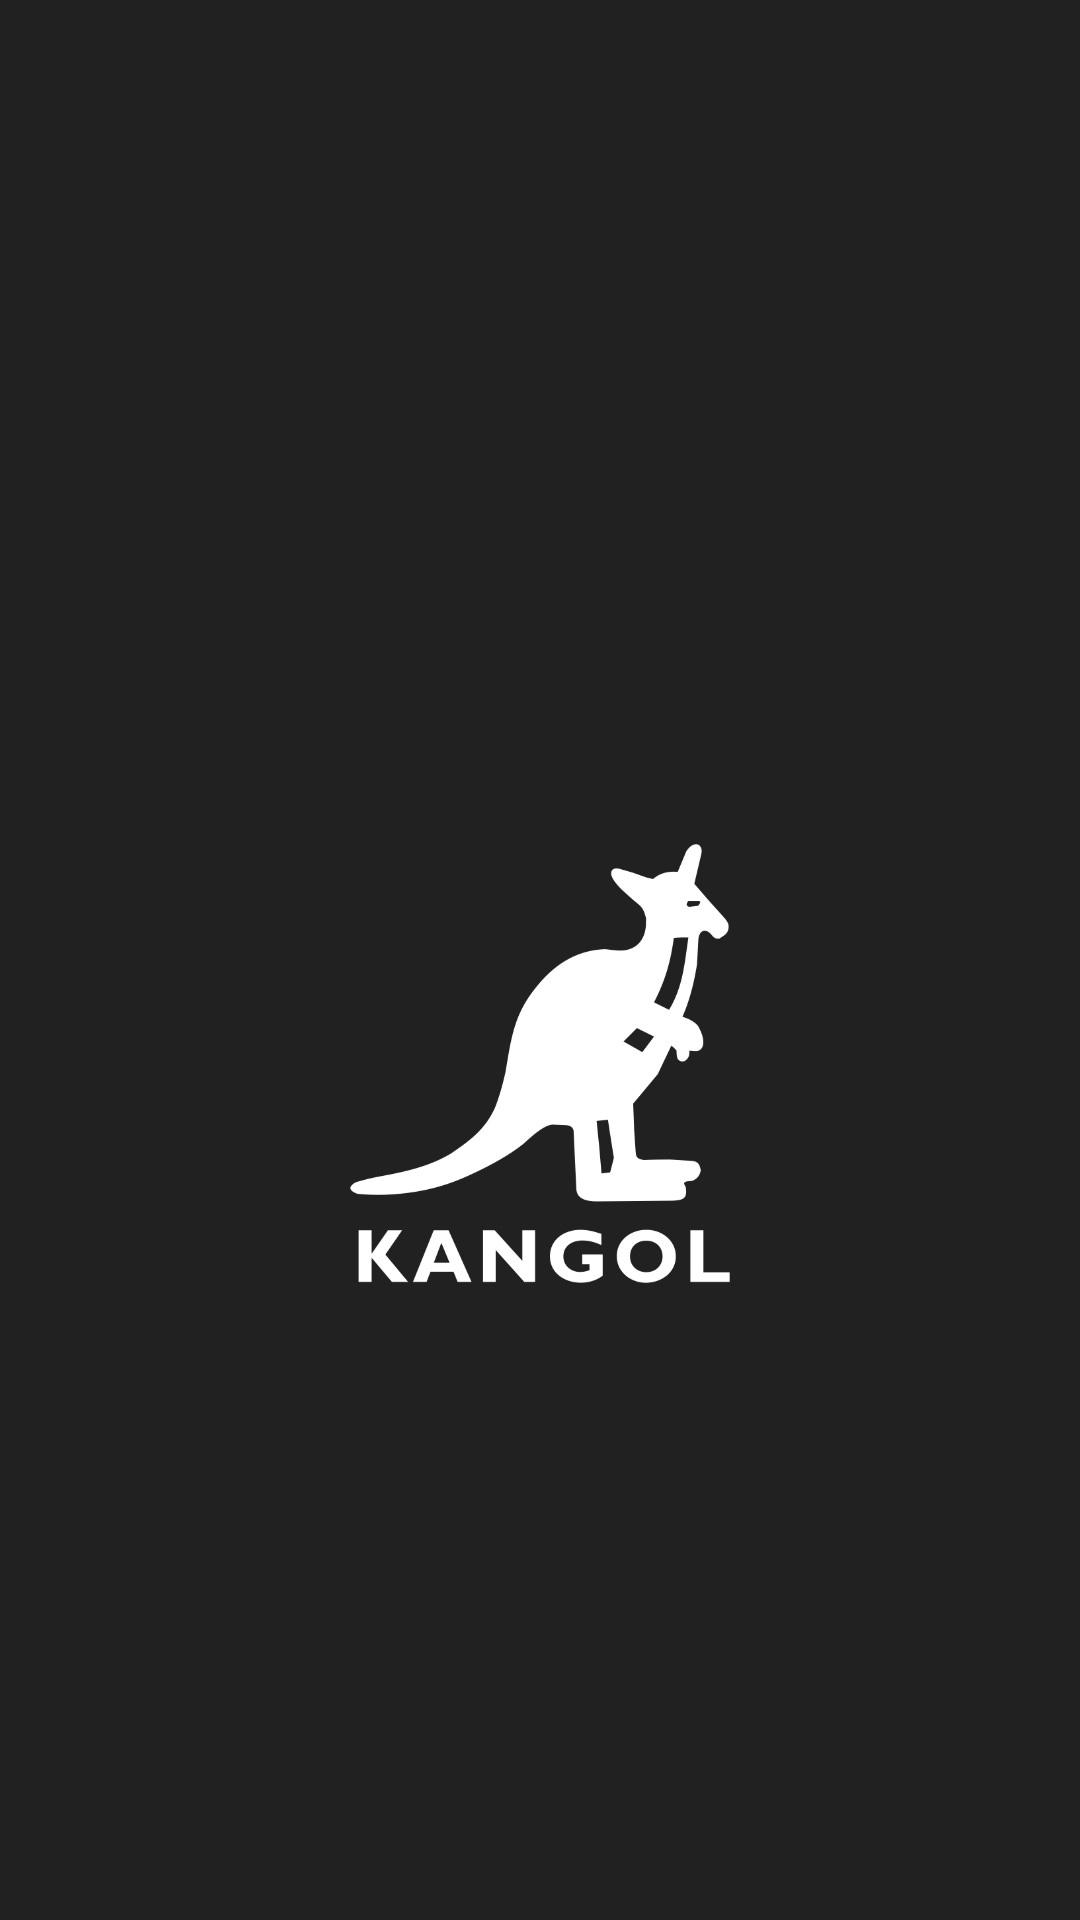 kangol11 - KANGOL/カンゴールのおしゃれな✨️高画質スマホ壁紙32枚 [iPhone&Androidに対応]